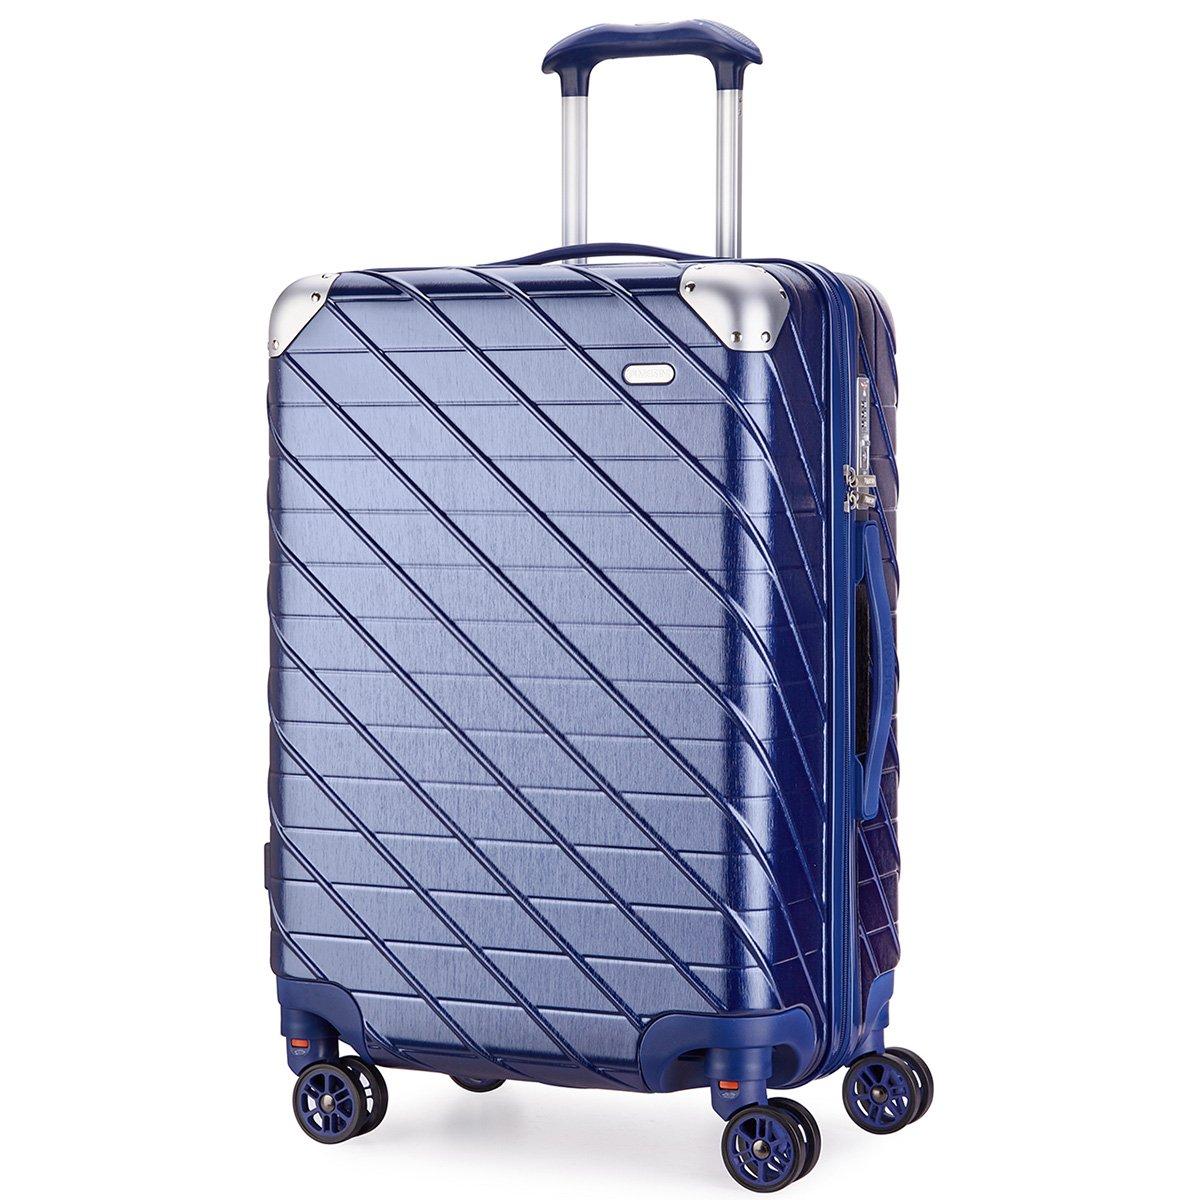 MEISINI スーツケース 旅行バッグ キャリーバッグ キャリーケース TSAロック 機内持込 軽量 ABS+PC 静音 ファスナーレス 8輪キャスター 出張【一年保証】 B07DJ26LCV Mサイズ( 4~7泊用·62L)|ブルー ブルー Mサイズ( 4~7泊用·62L)